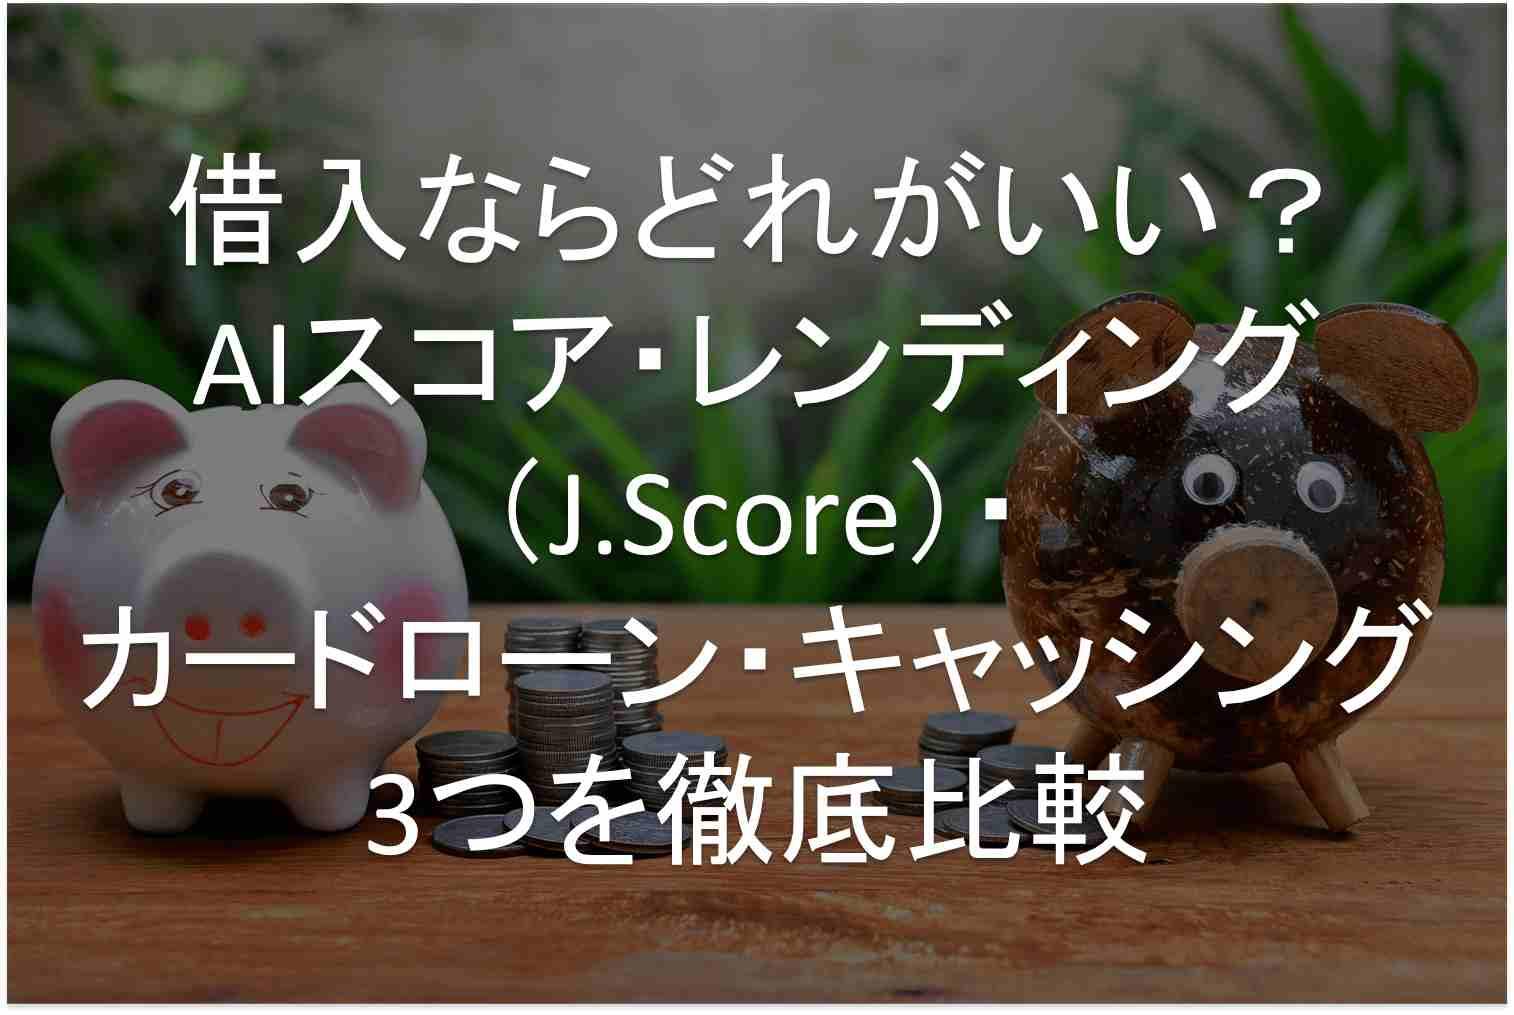 J.Score カードローン・キャッシングの比較